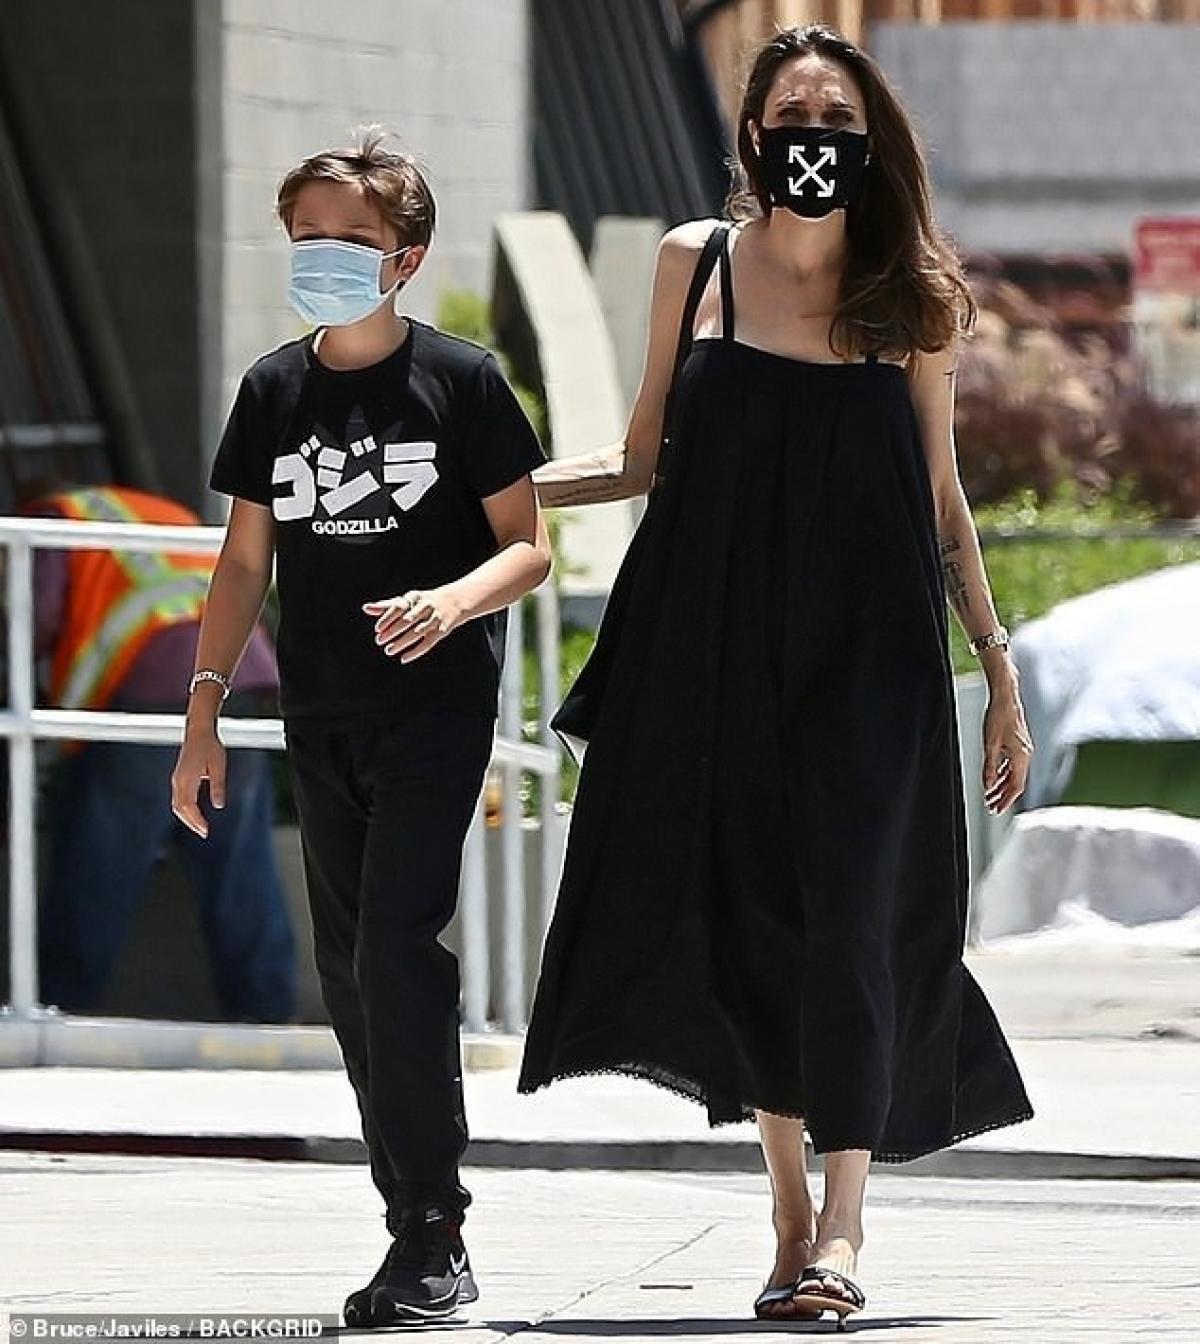 Hiện tại, Angelina Jolie đang bắt đầu có những buổi trả lời phỏng vấn để quảng bá cho bộ phim mới của cô mang tên The One And Only Ivan.